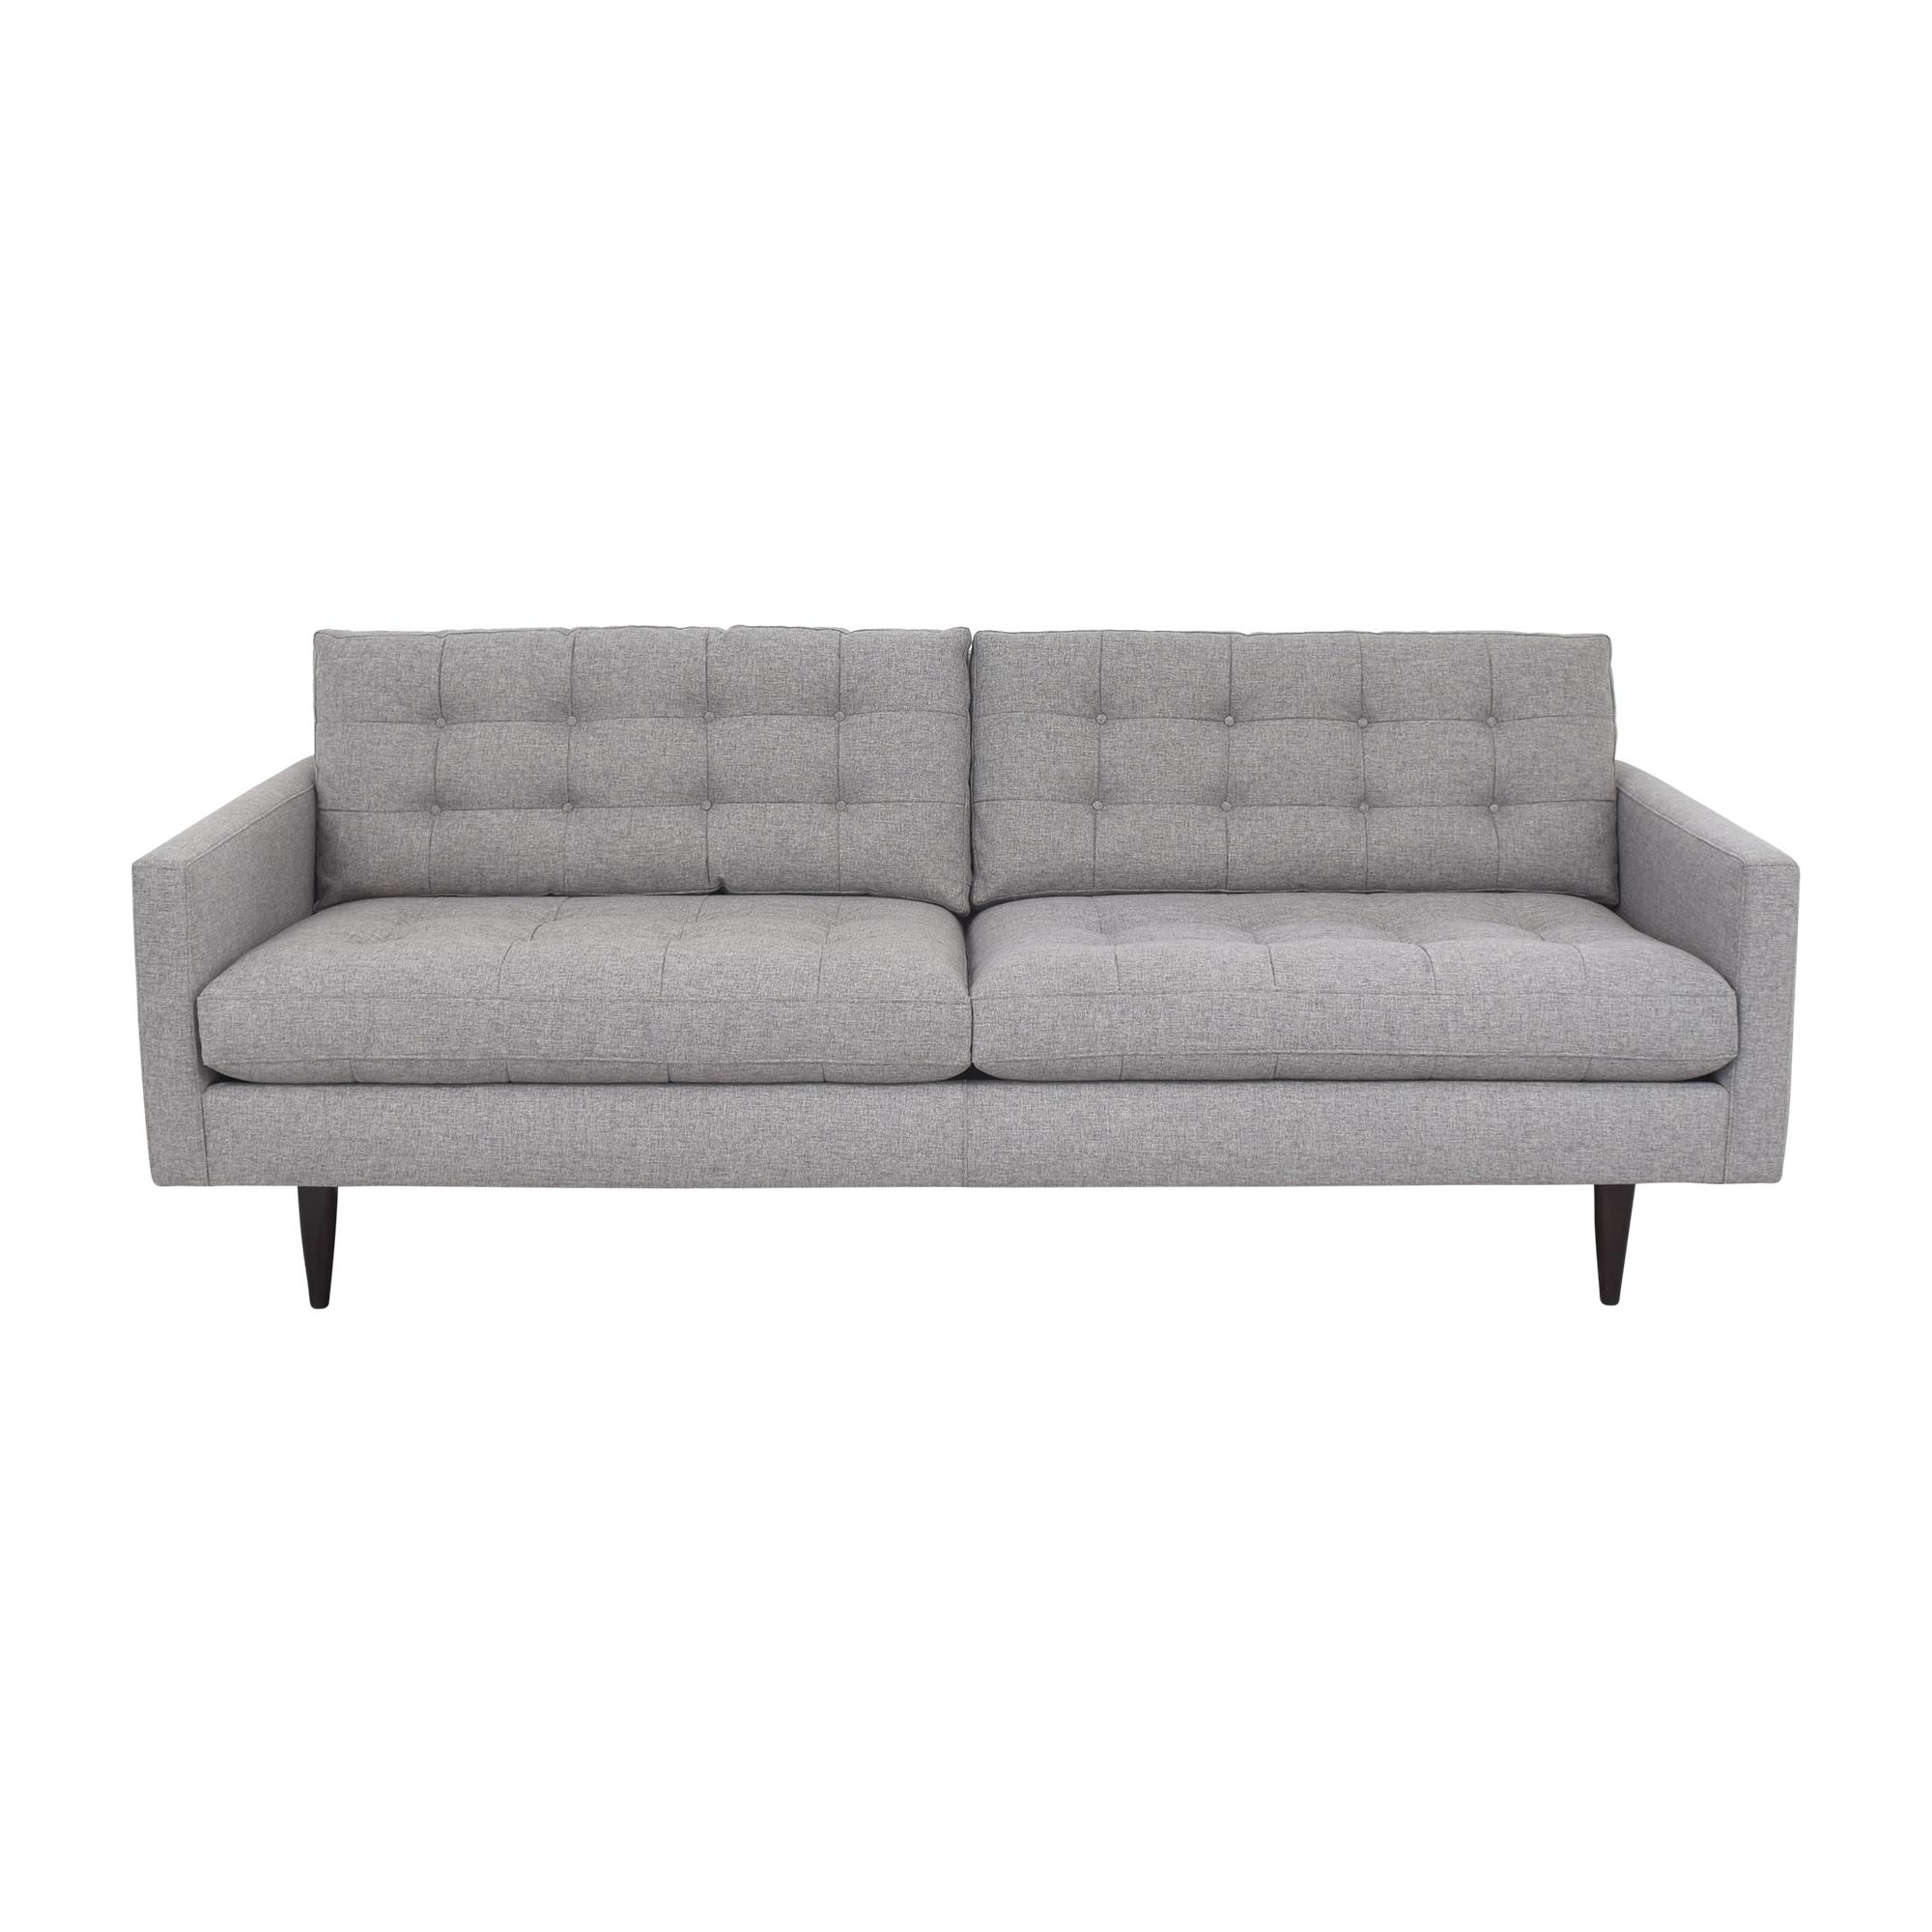 Crate & Barrel Crate & Barrel Petrie Mid-Century Sofa on sale